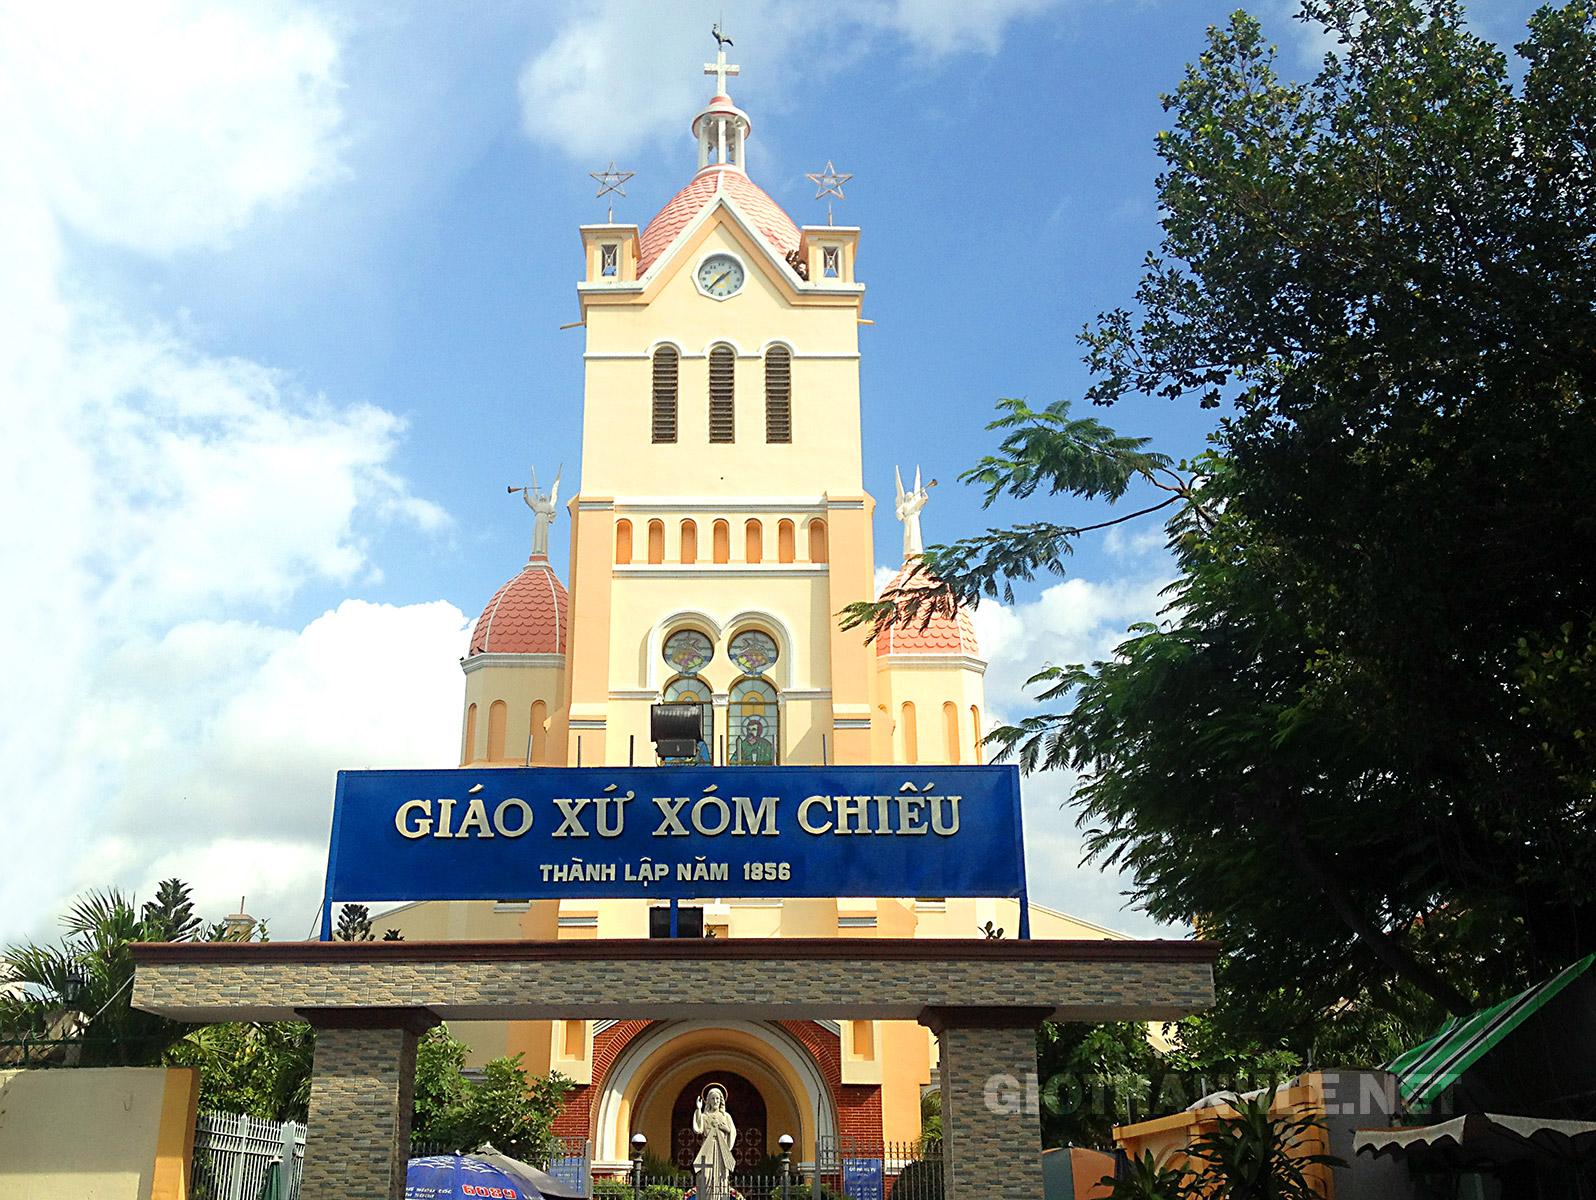 Nhà thờ Xóm Chiếu